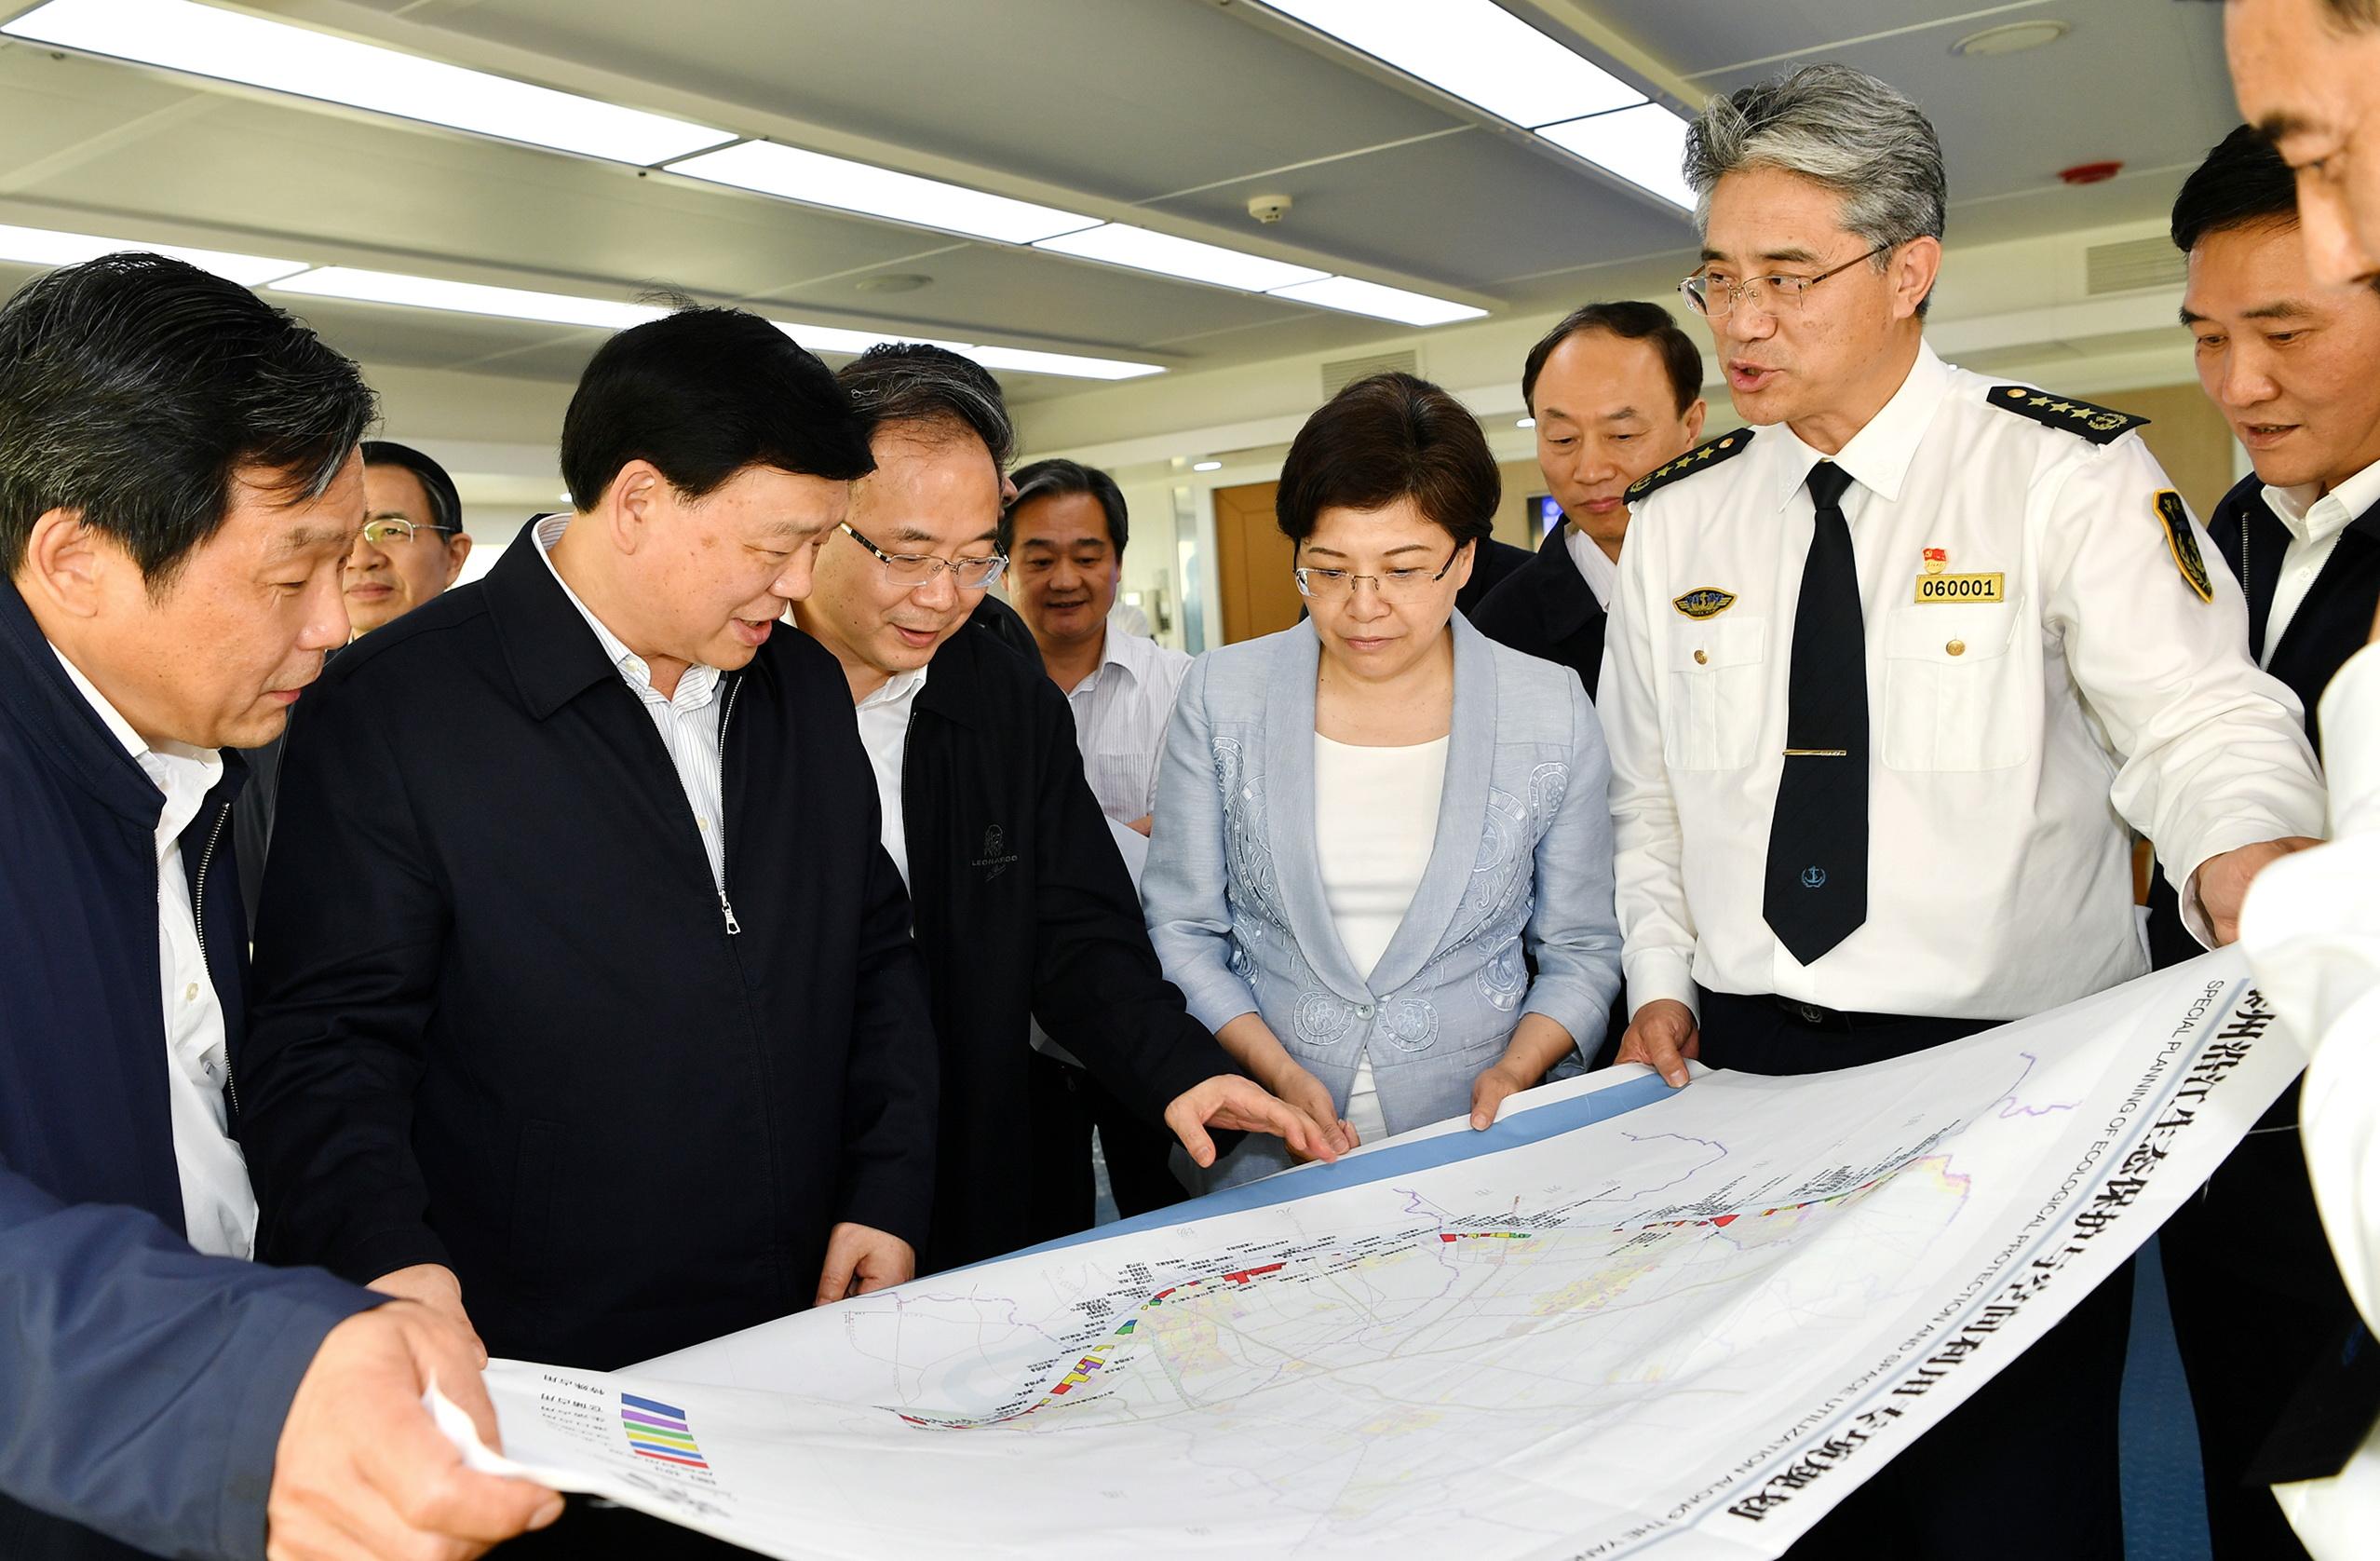 江苏省委娄勤俭书记一行就深入落实长江经济带发展战略进行专题调研